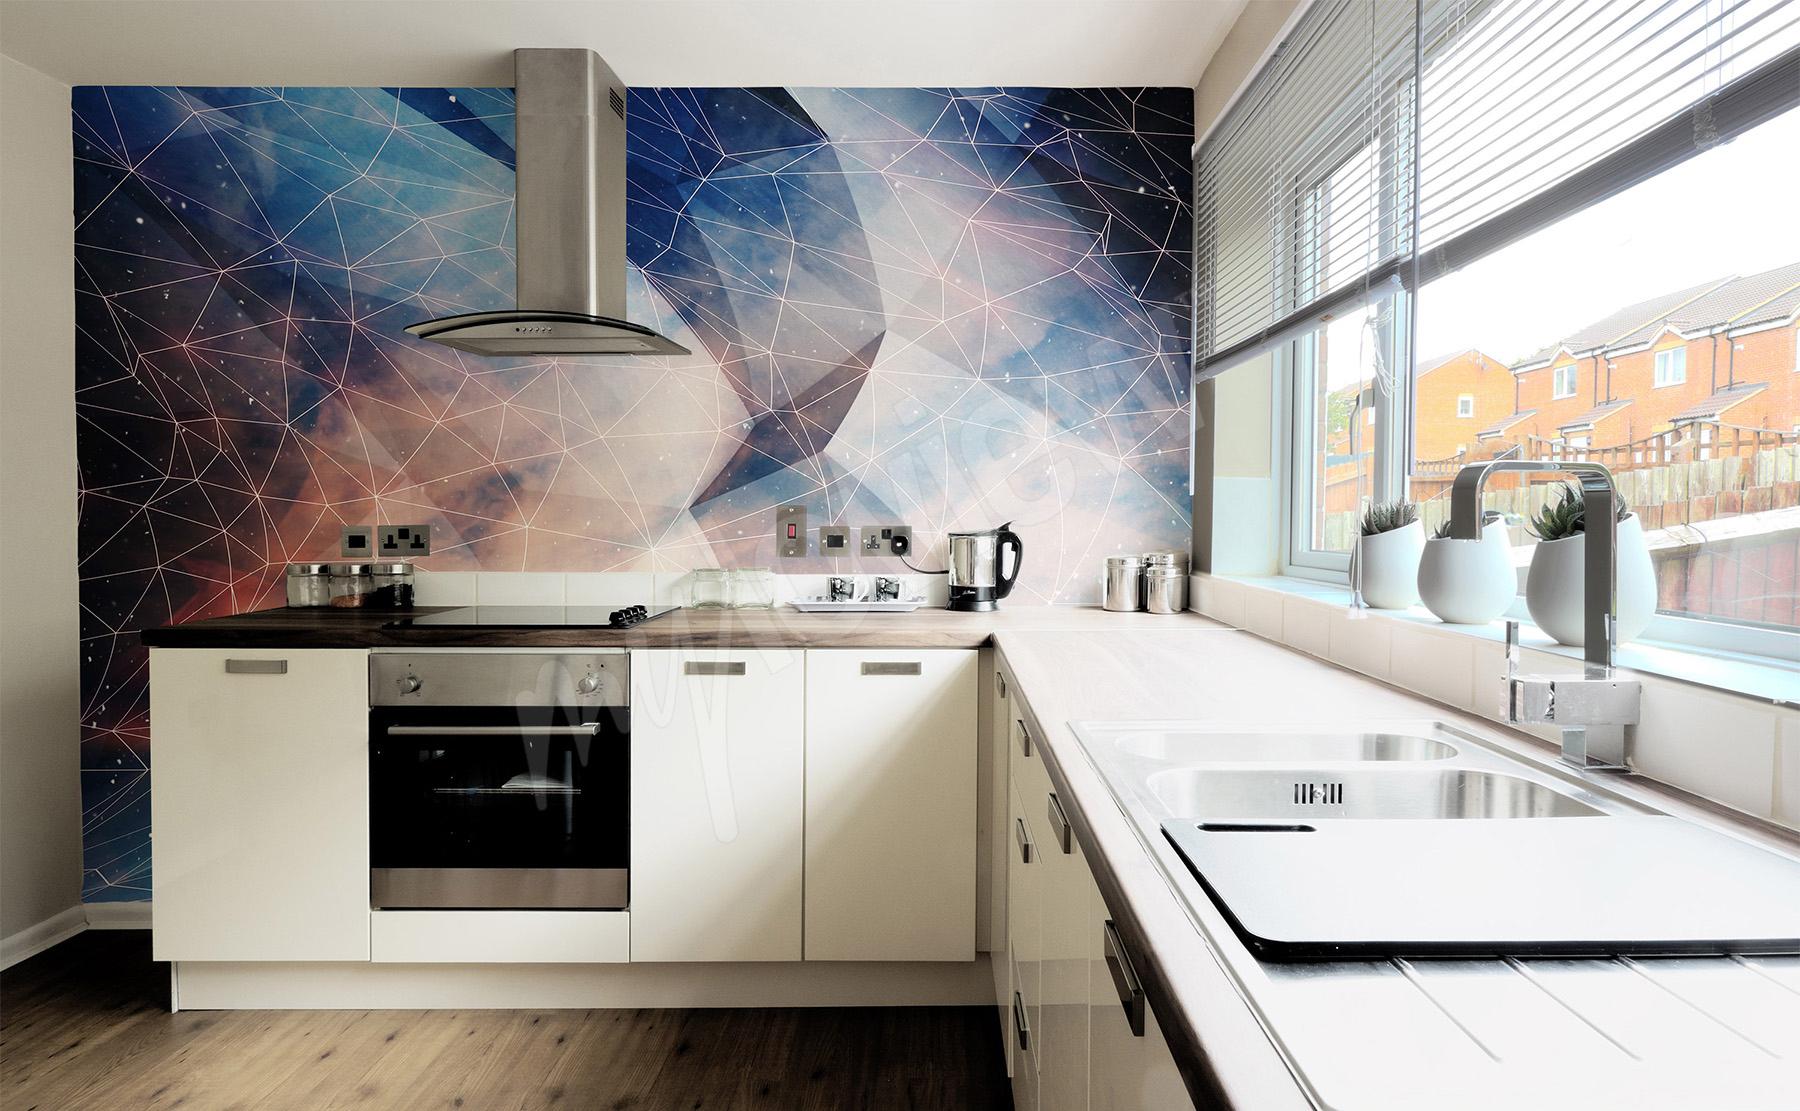 Fotomurales seg n categor as 3d fotomural for Simulador de cocinas 3d